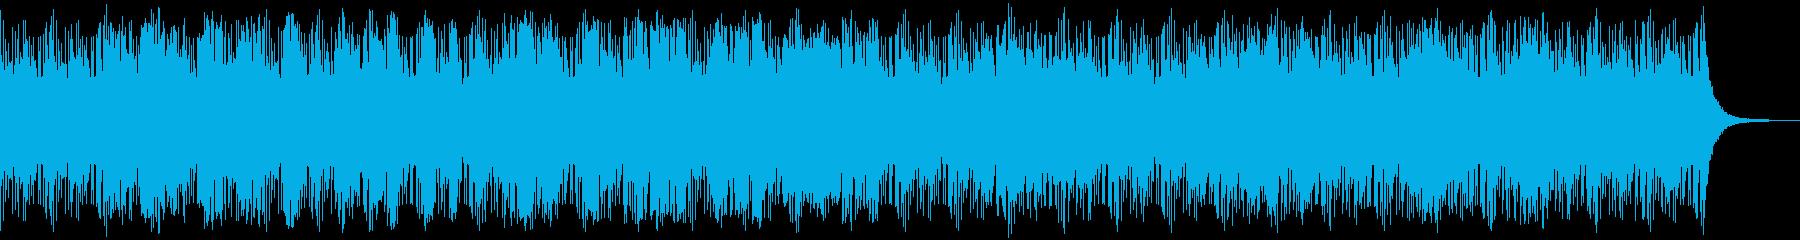 エキゾチックなムードのジャジーでフ...の再生済みの波形